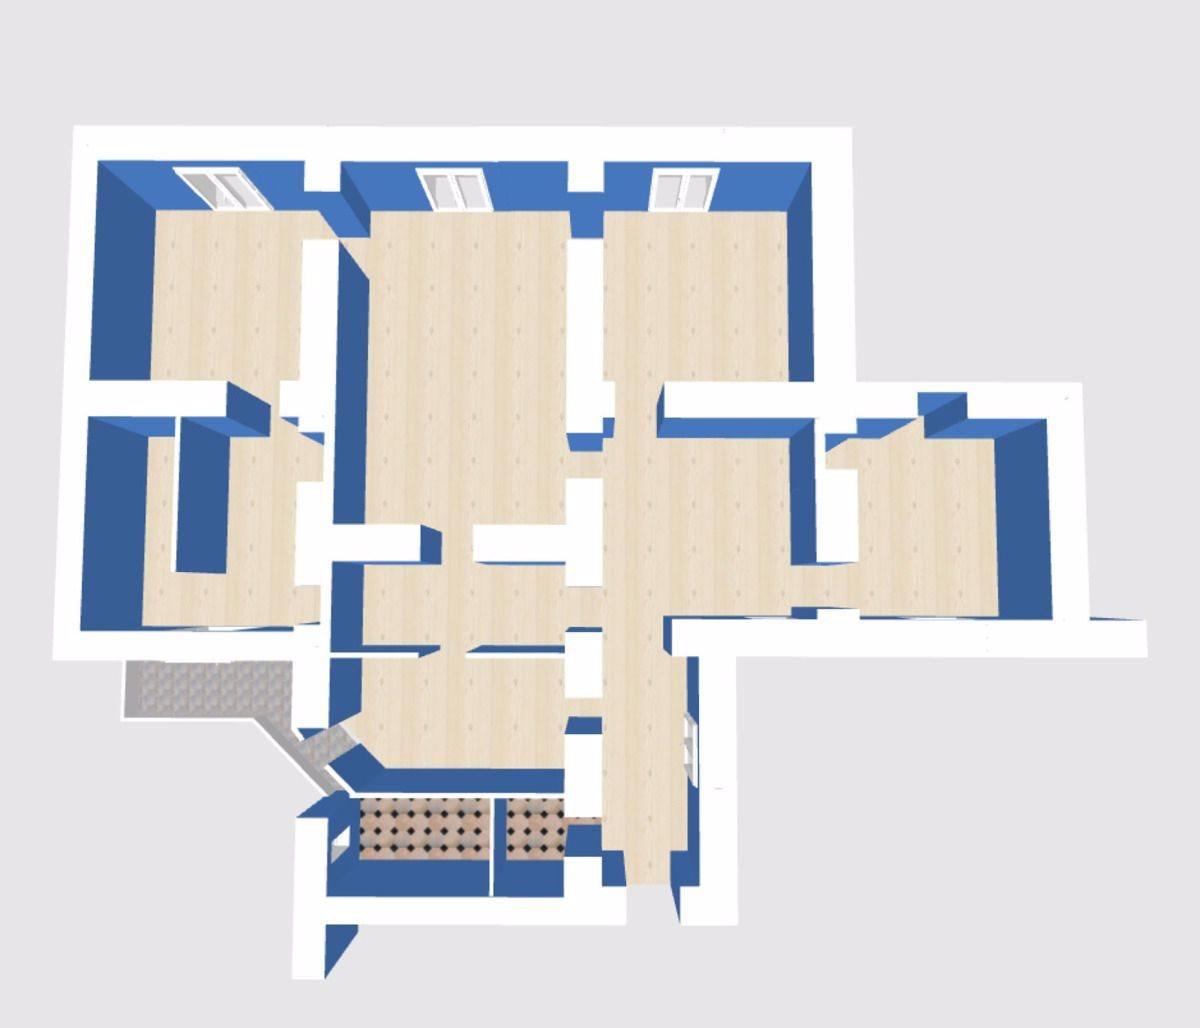 planimetria 3.jpg